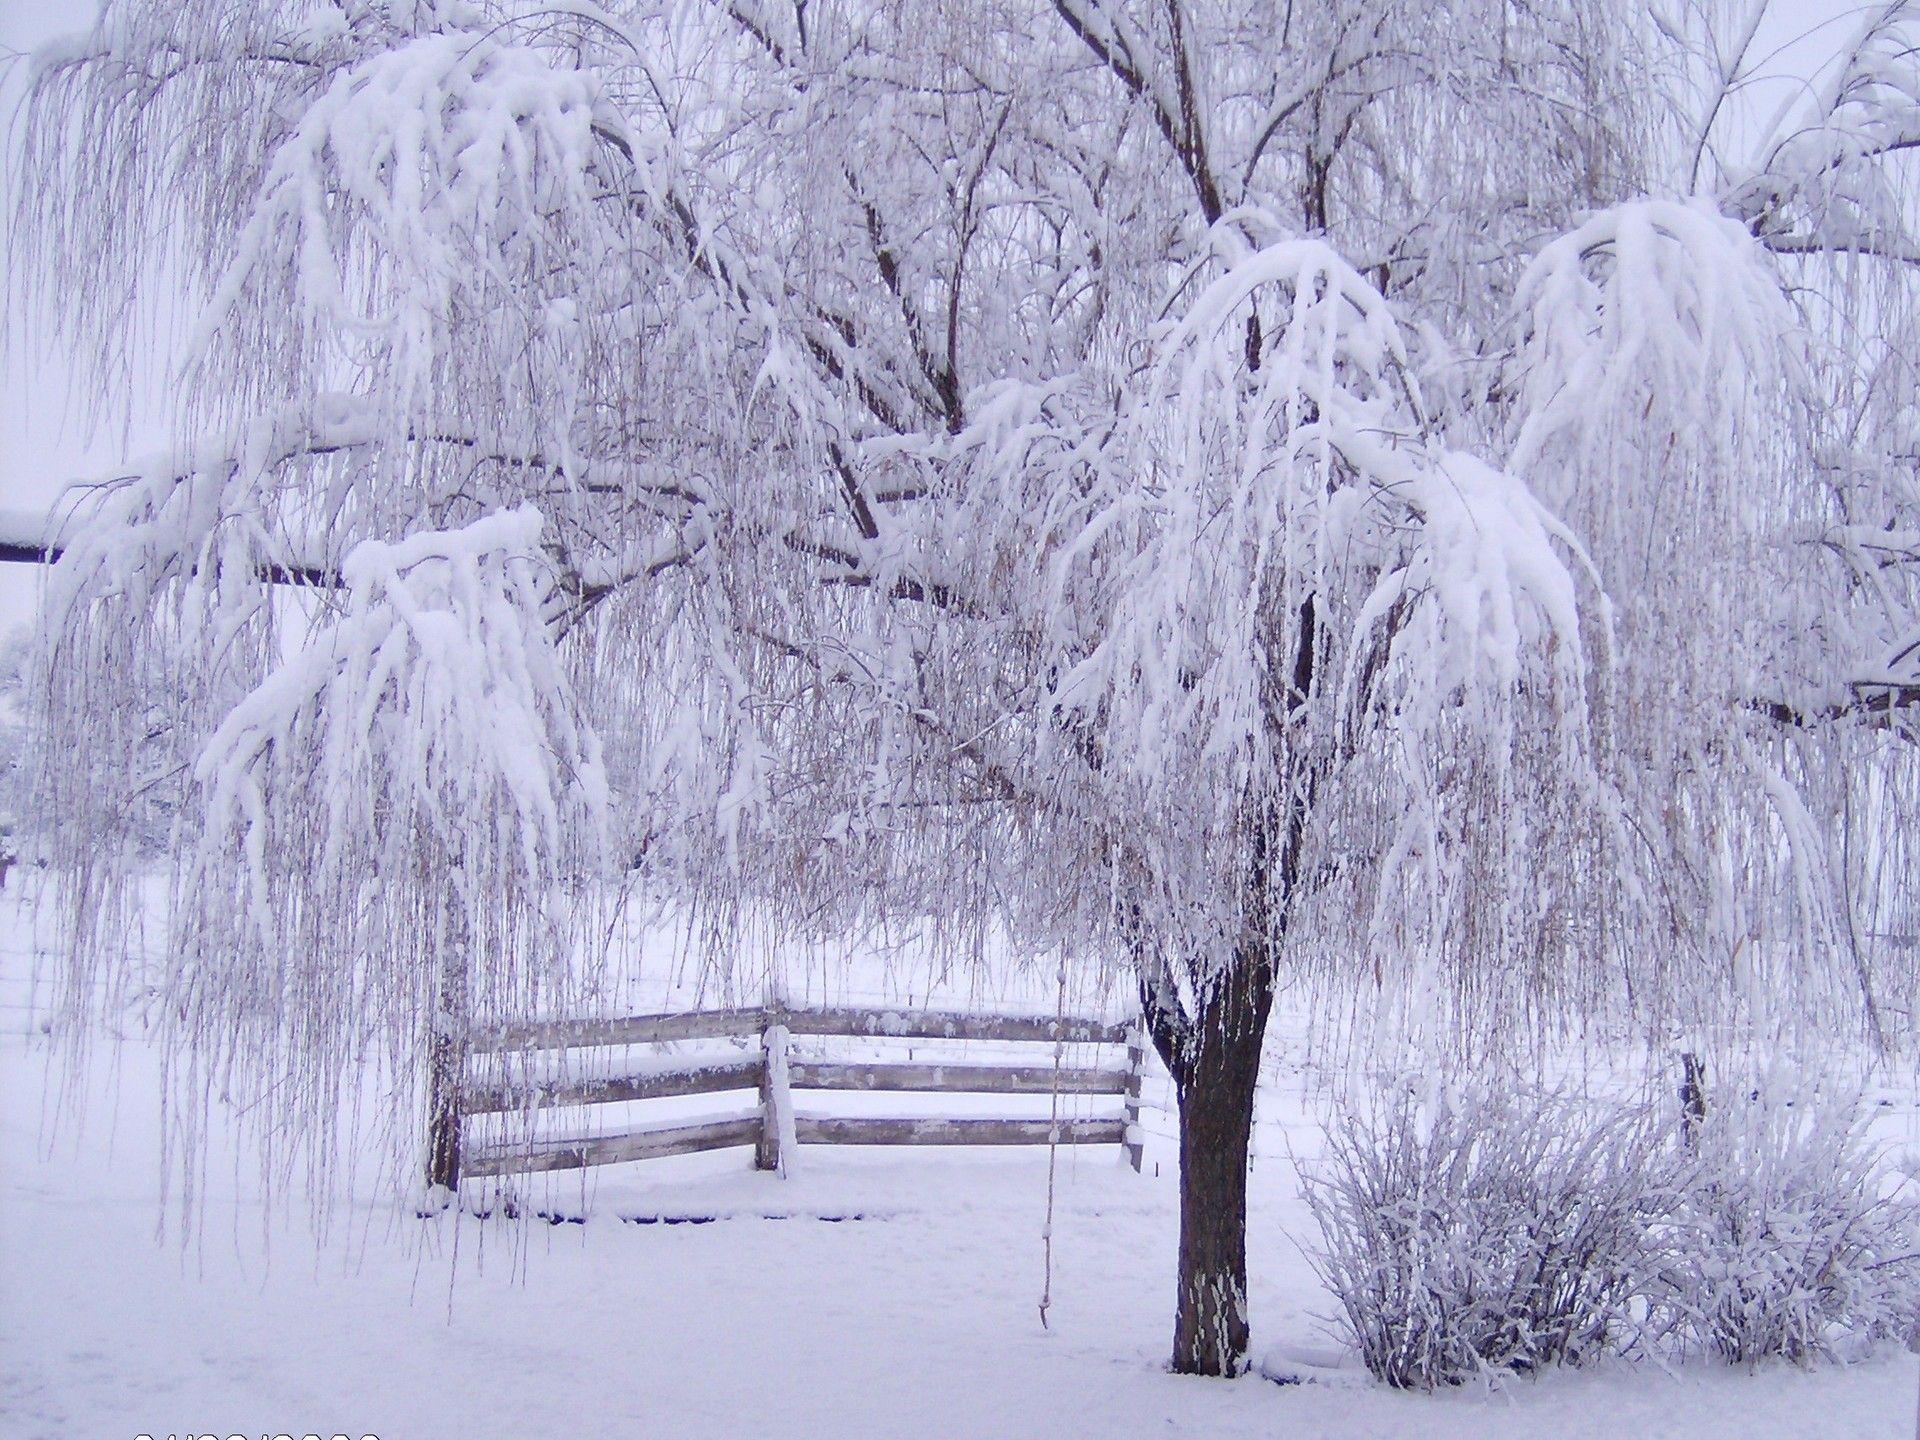 Google Image Result for http://www.fwallpaper.net/pics/nature/winter/Winter-Ecstasy.jpg